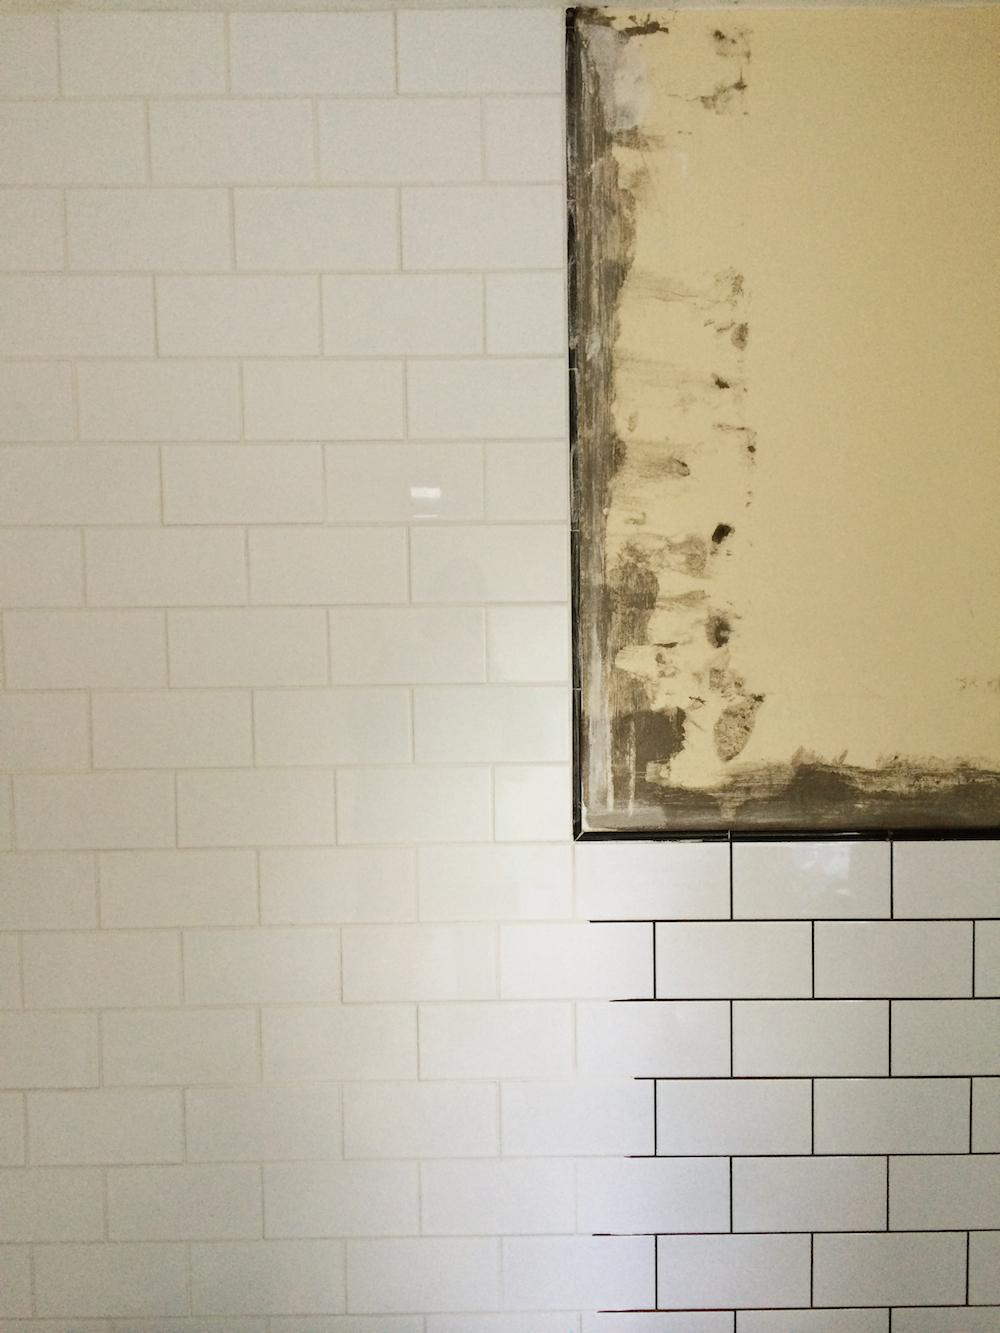 bathroom building: week two